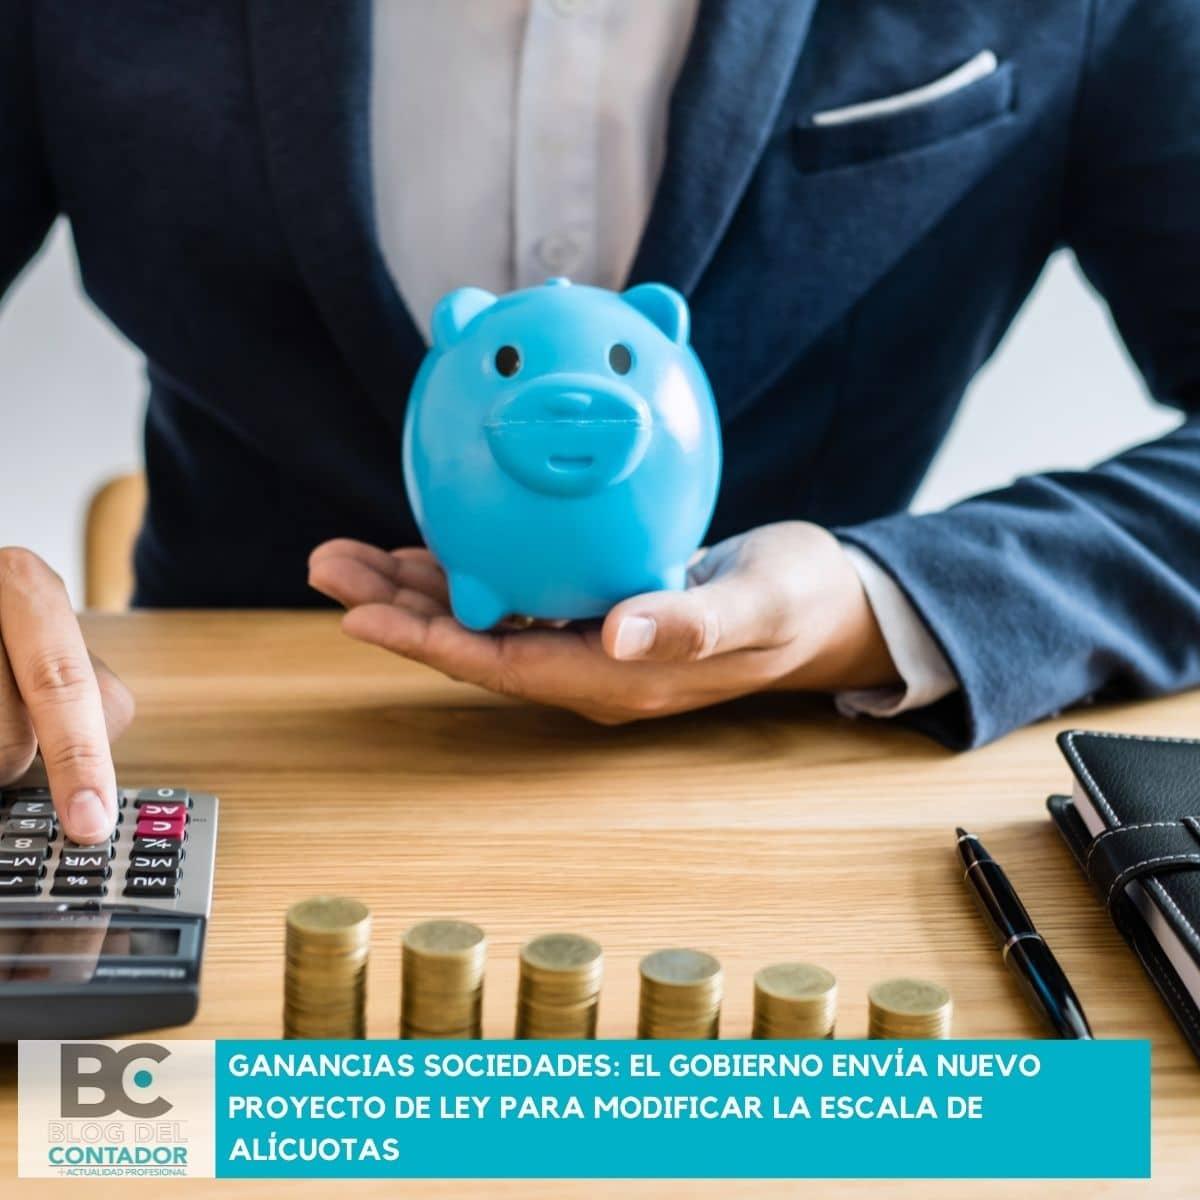 Ganancias sociedades_ El gobierno envía nuevo proyecto de ley para modificar la escala de alícuotas